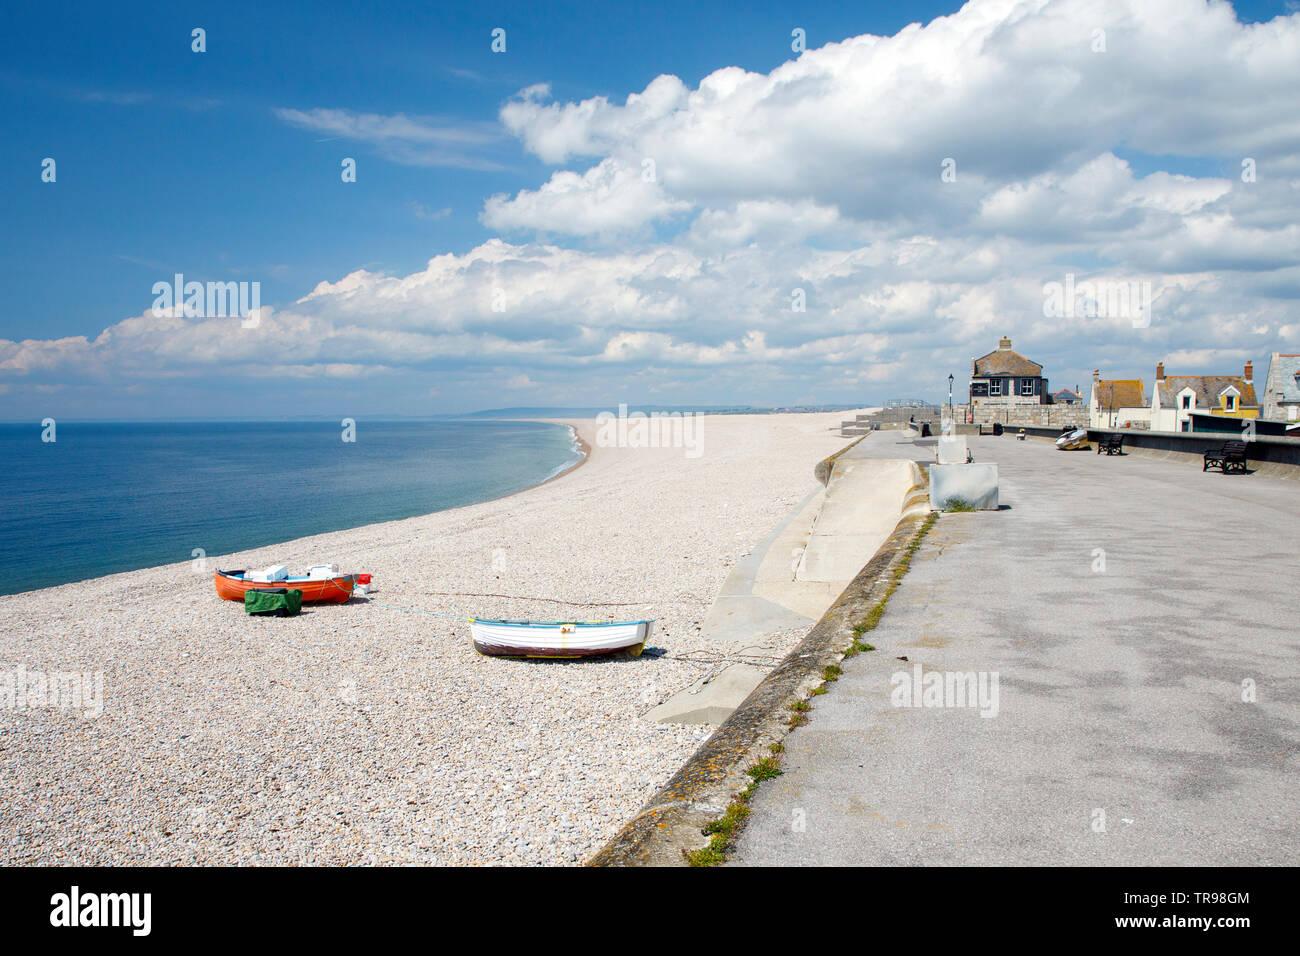 PORTLAND, Regno Unito - 20 maggio 2019:Chesil Beach è a 18 miglia lungo la spiaggia di ghiaia che si estende a nord-ovest da Portland a West Bay Immagini Stock